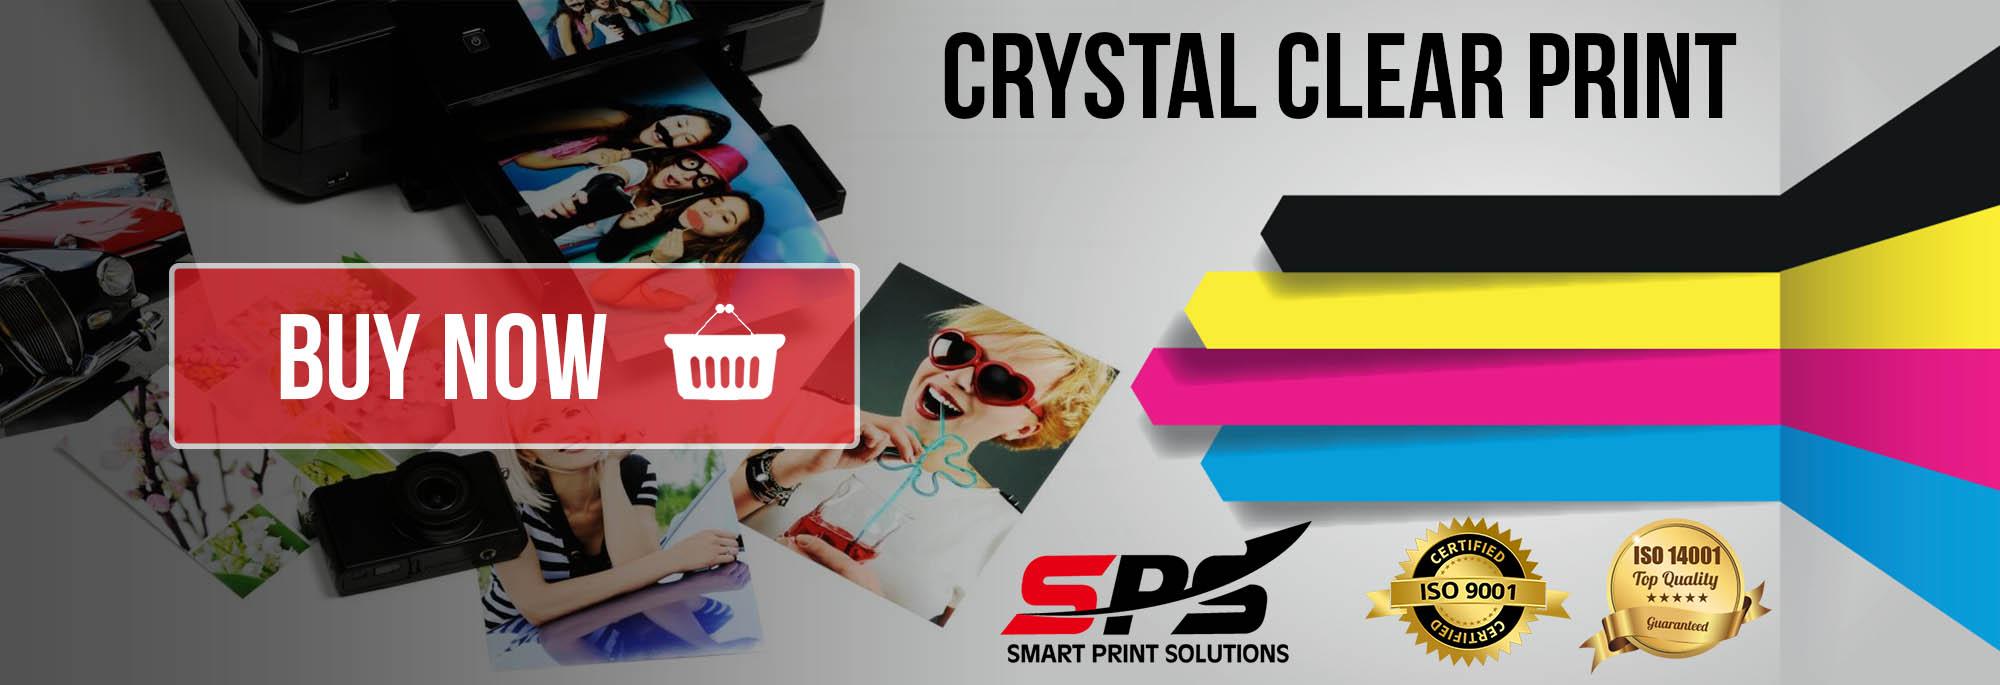 SPS-Dubai com | Buy Best Compatible Laser Toner Ink